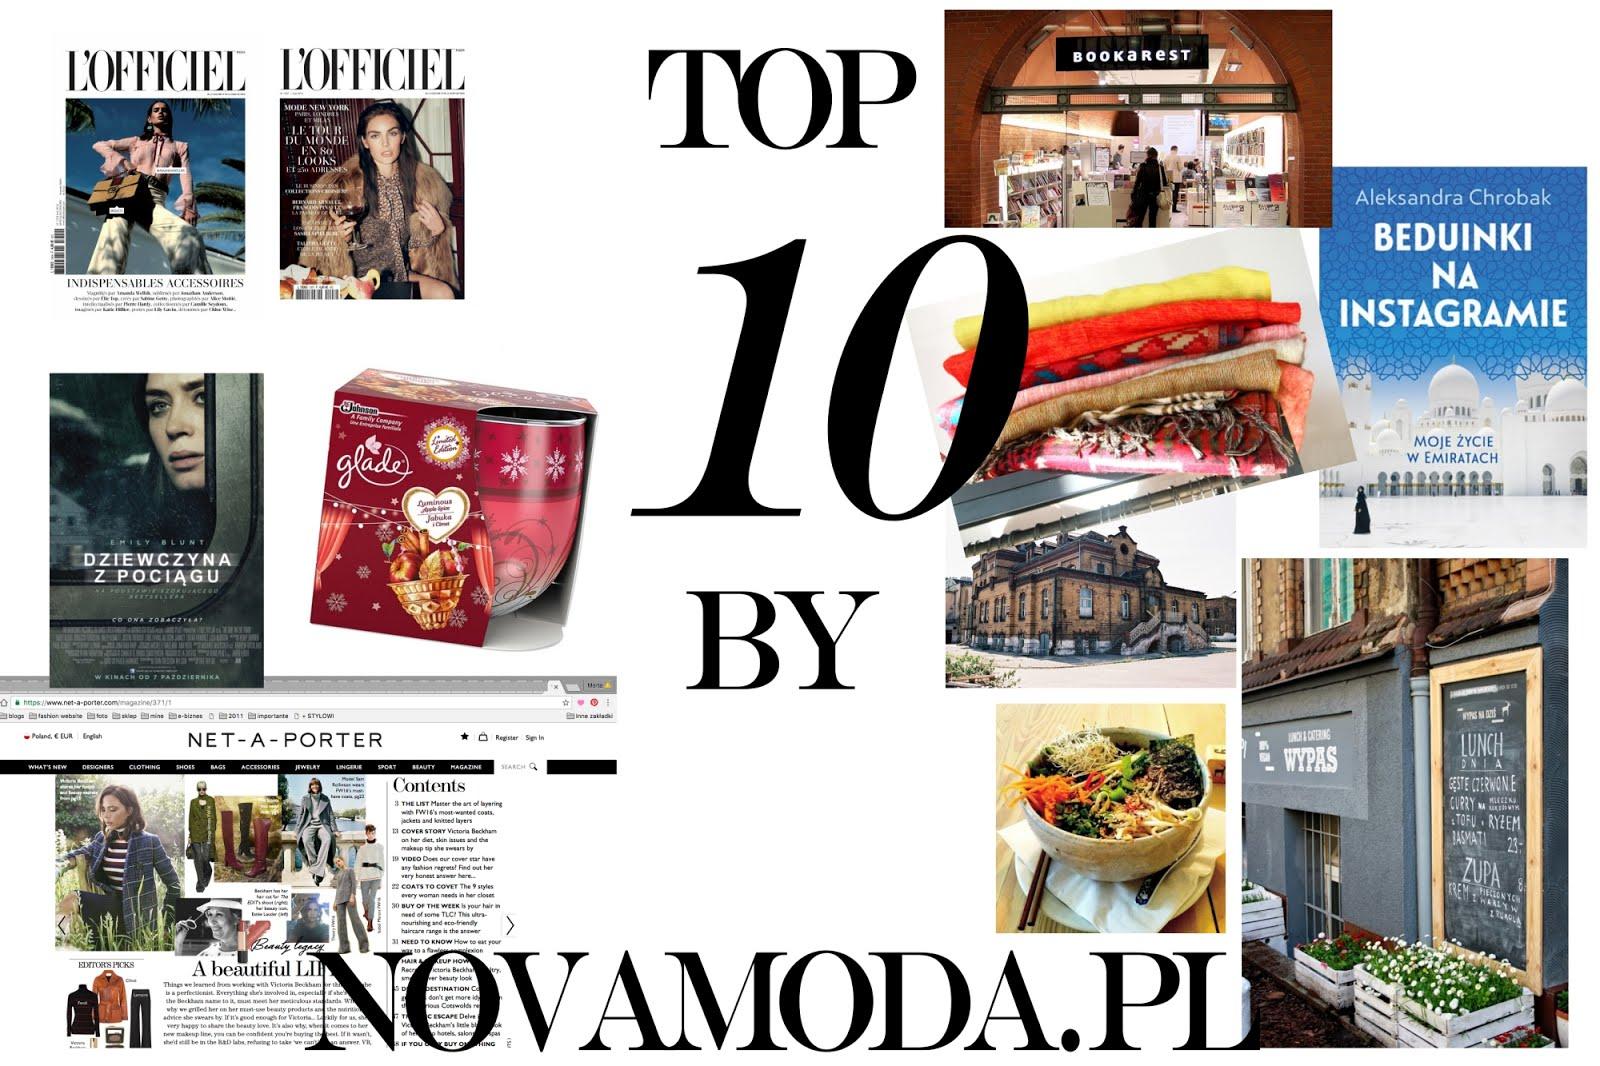 Top 10 by Novamoda: Pażdziernik